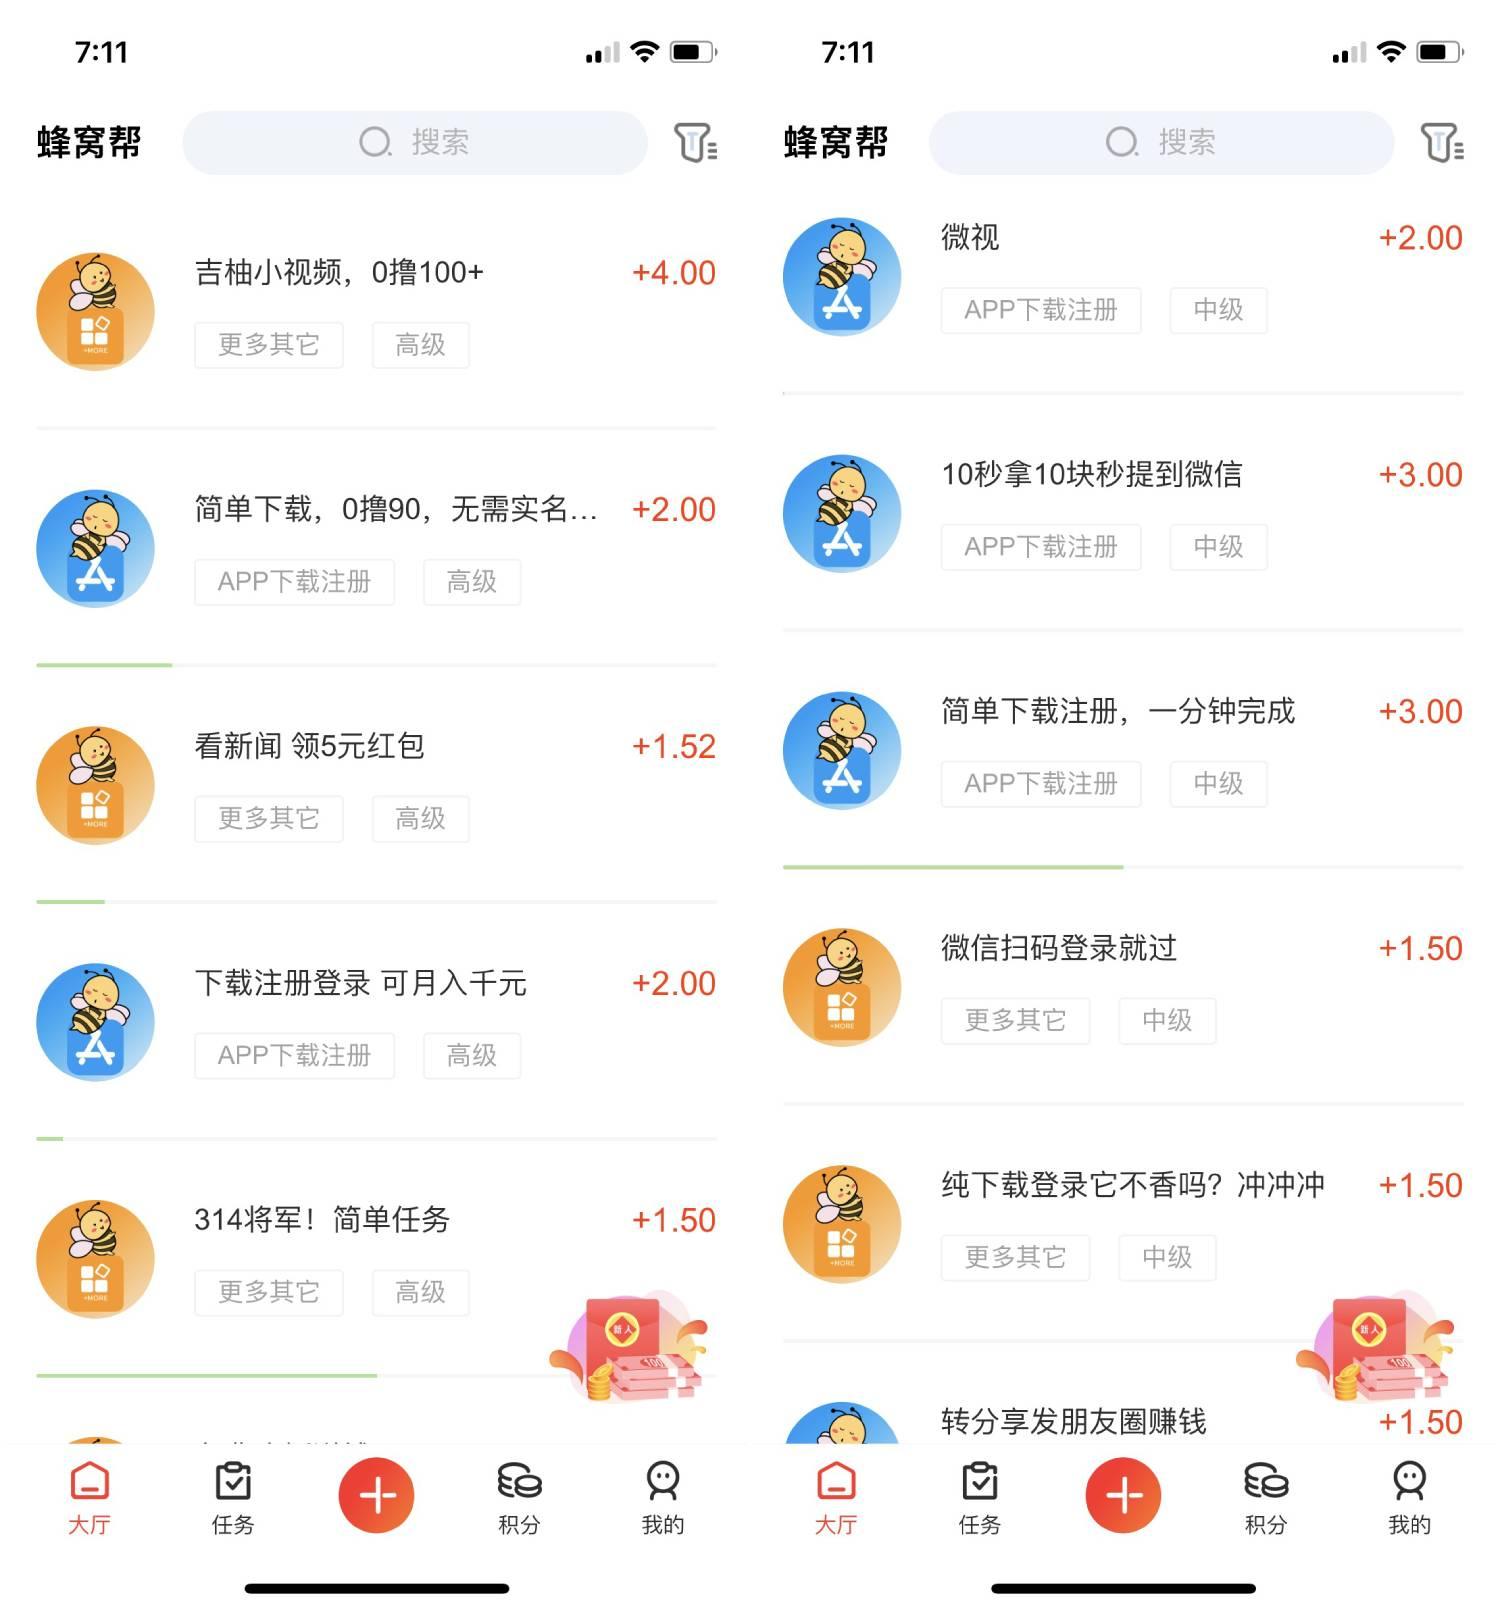 """手机赚钱首选""""蜂窝帮""""新平台任务多-有朝壹日"""